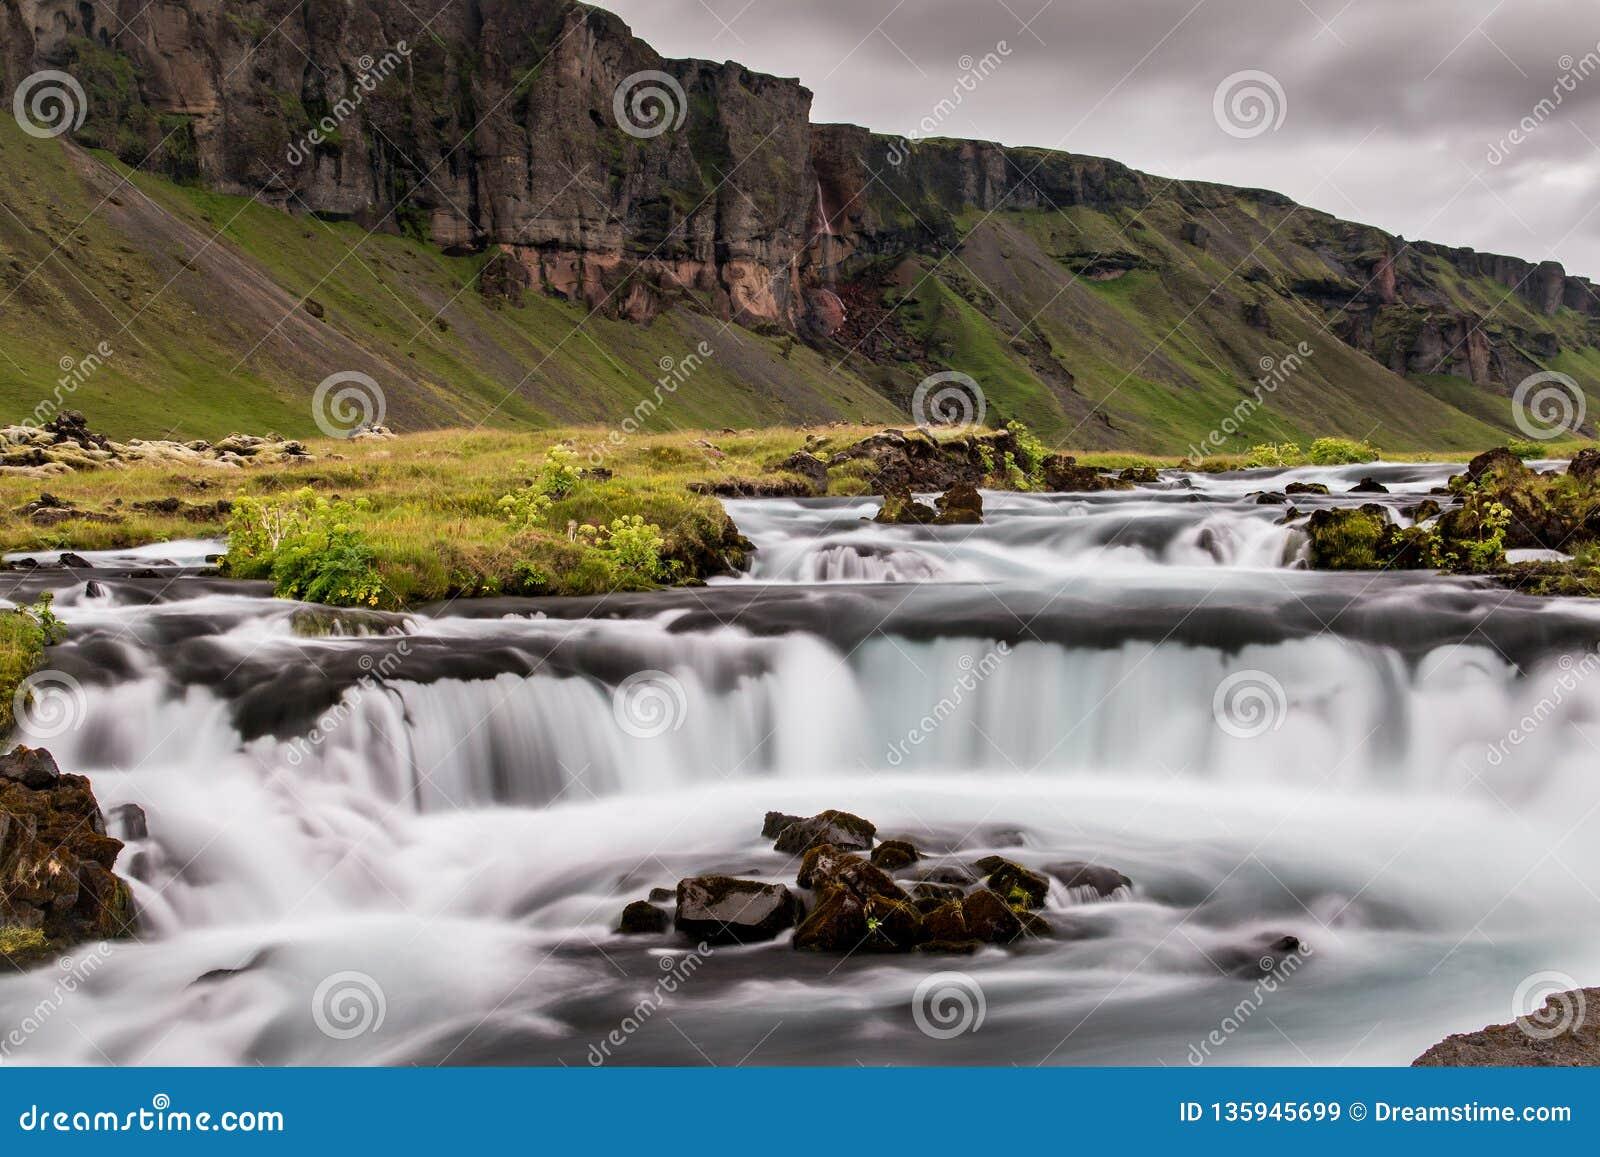 在一个草甸中间的洪流在冰岛